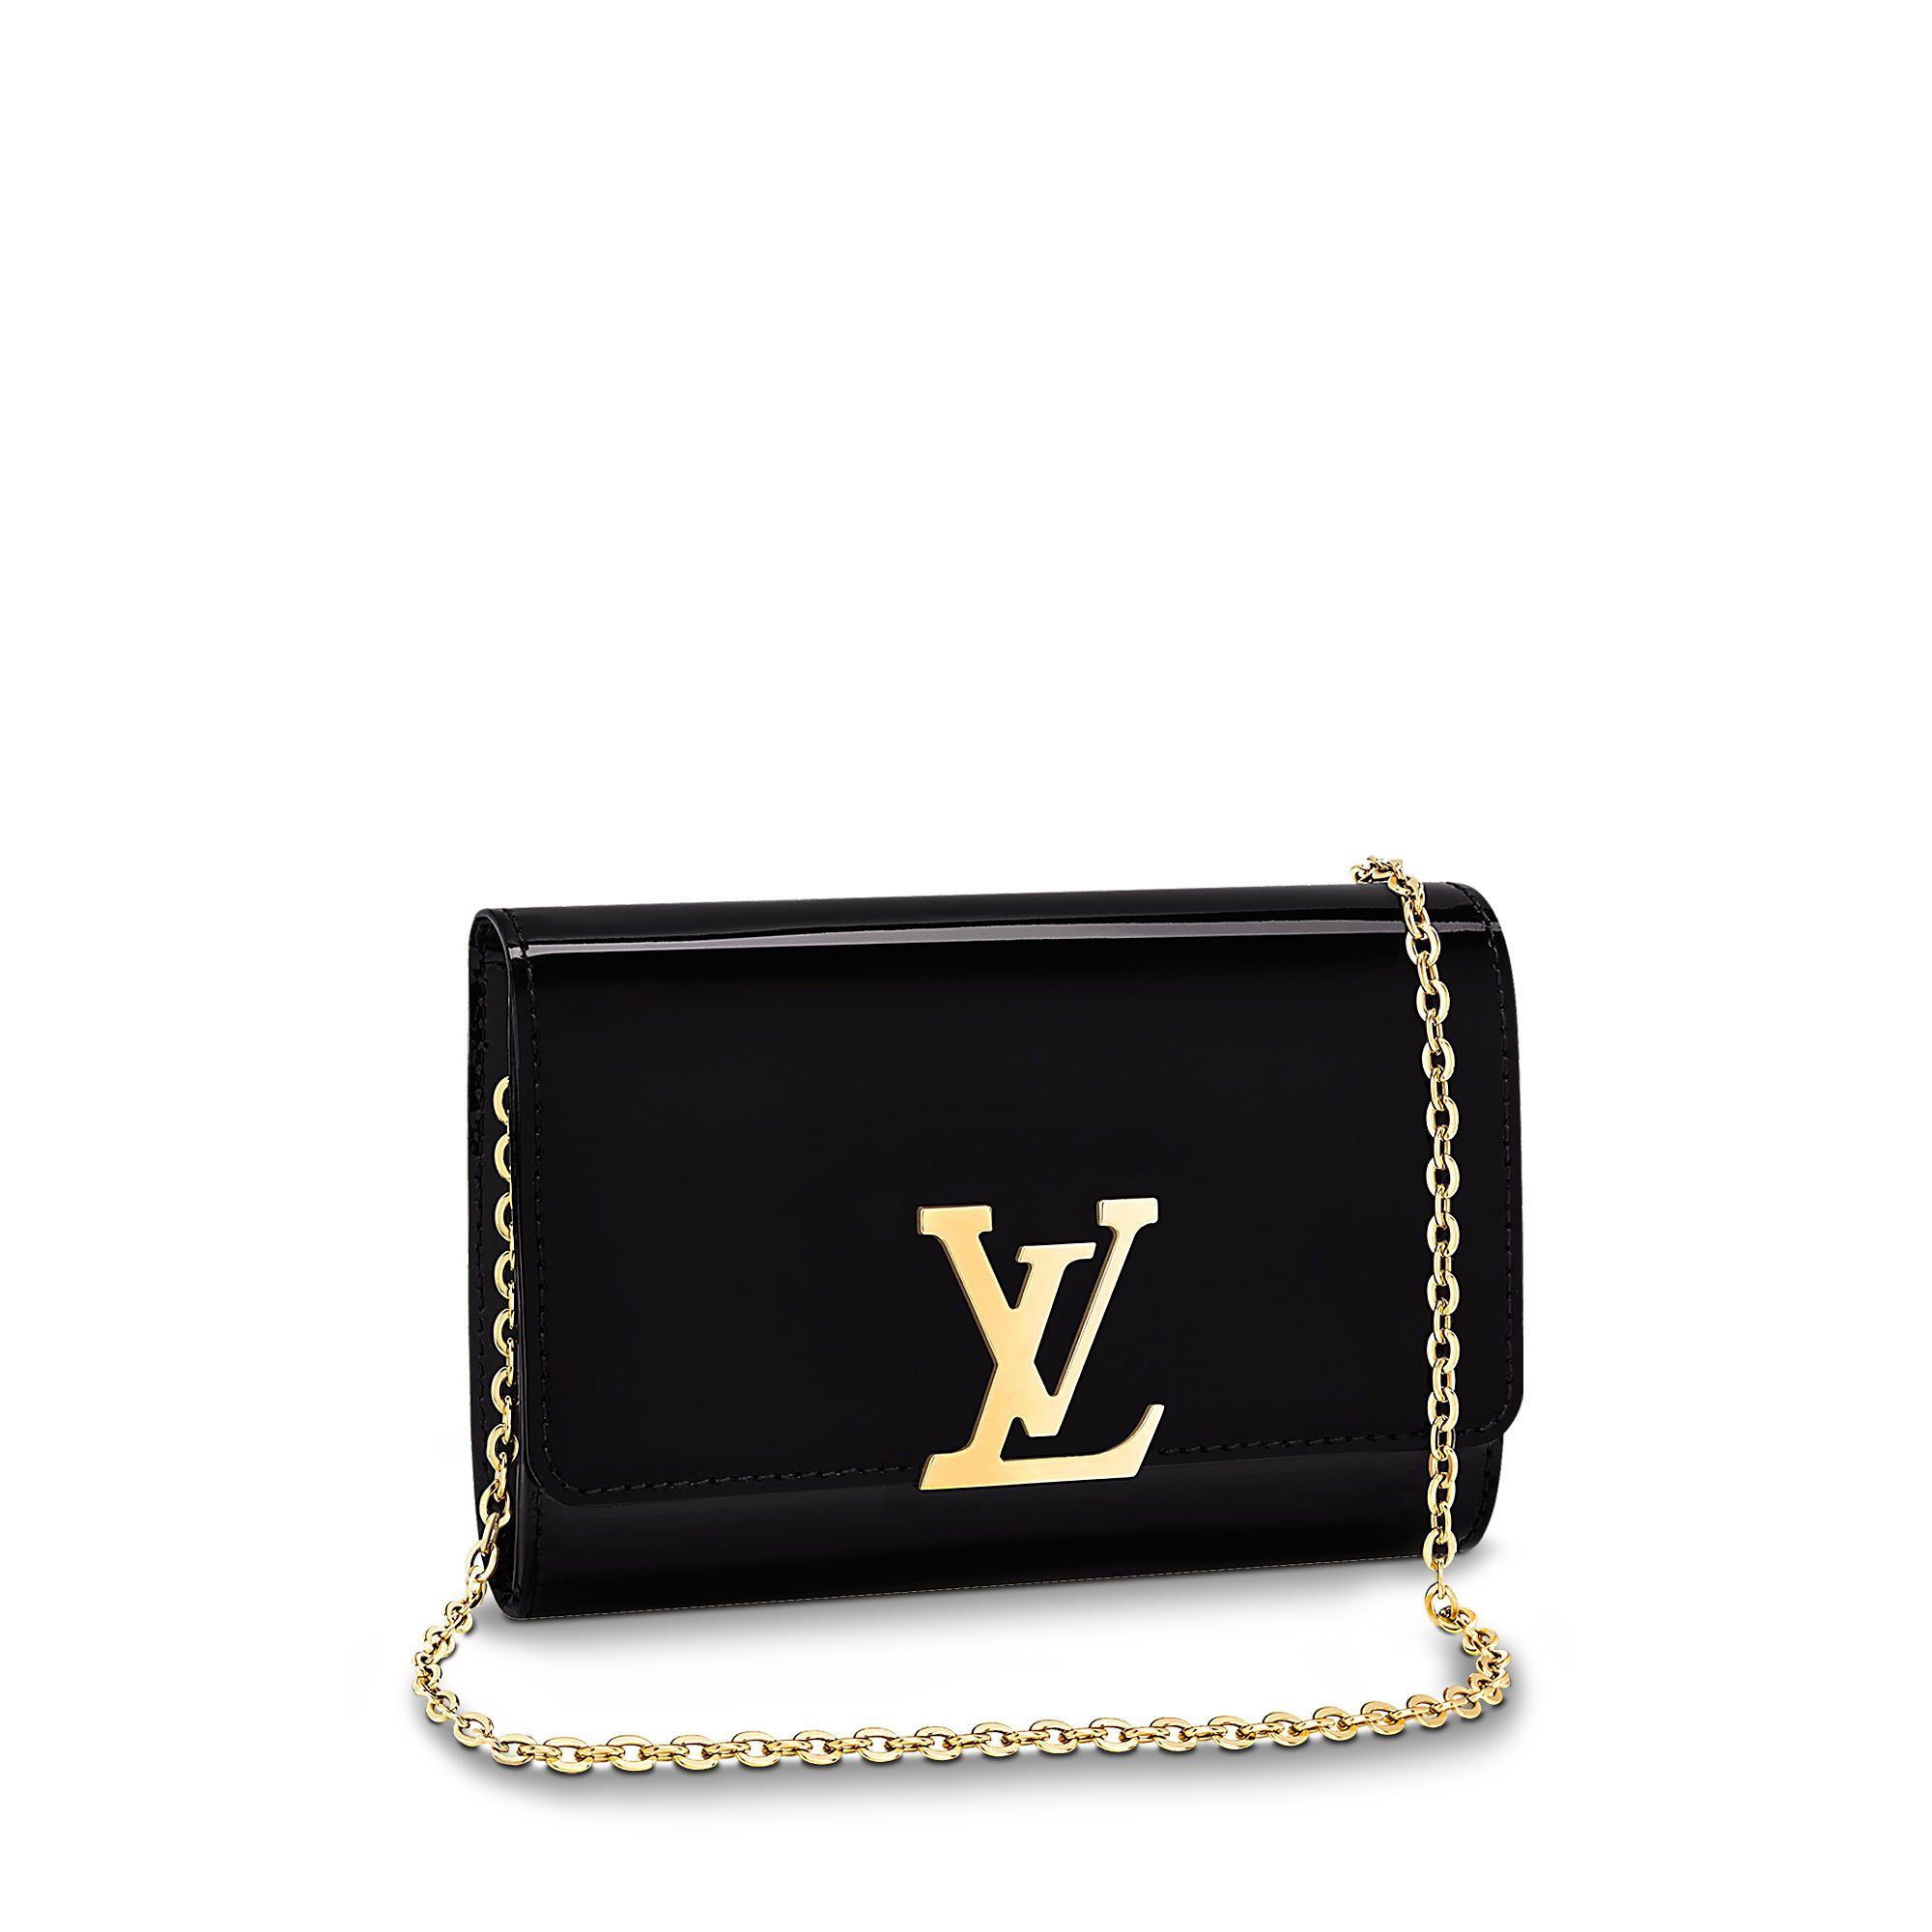 22d565aa65e0 Chain Louise GM via Louis Vuitton